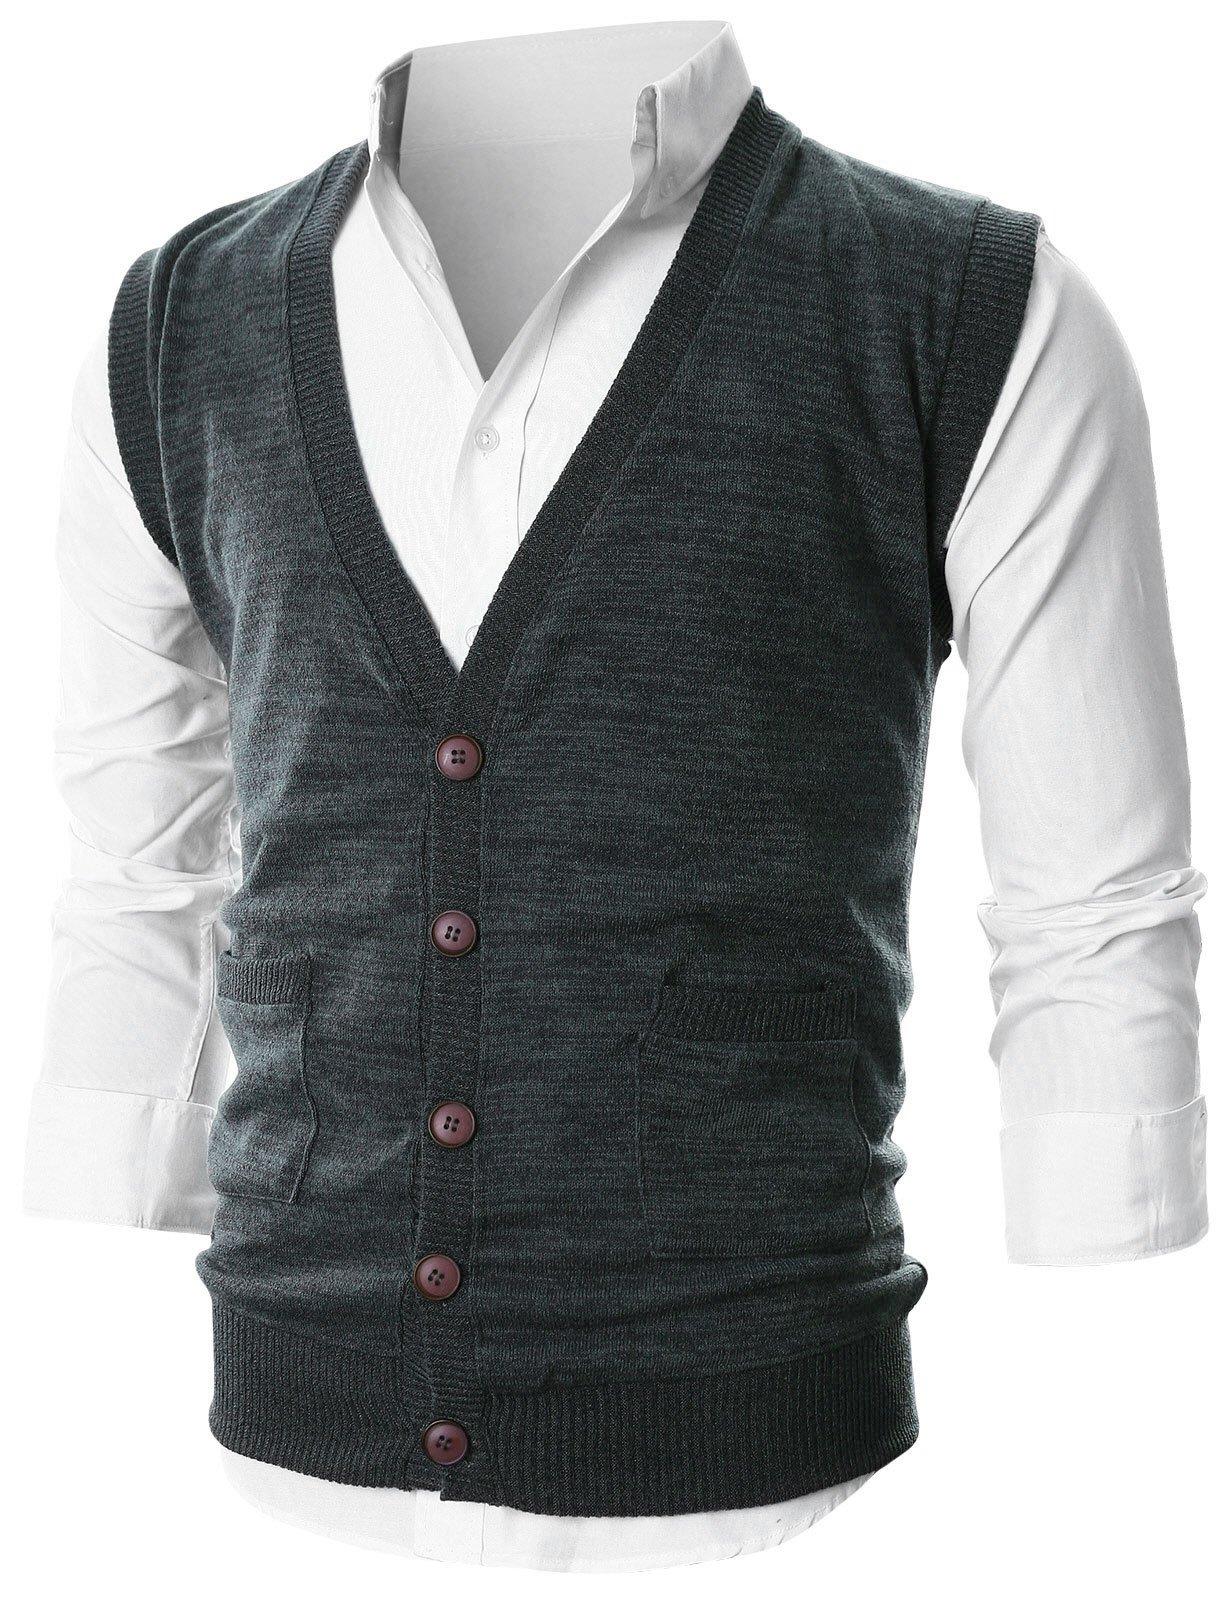 Ohoo Mens Slim Fit V-Neck Button-Front Vest with Pockets/DCV015-DARKCHARCOAL-XL